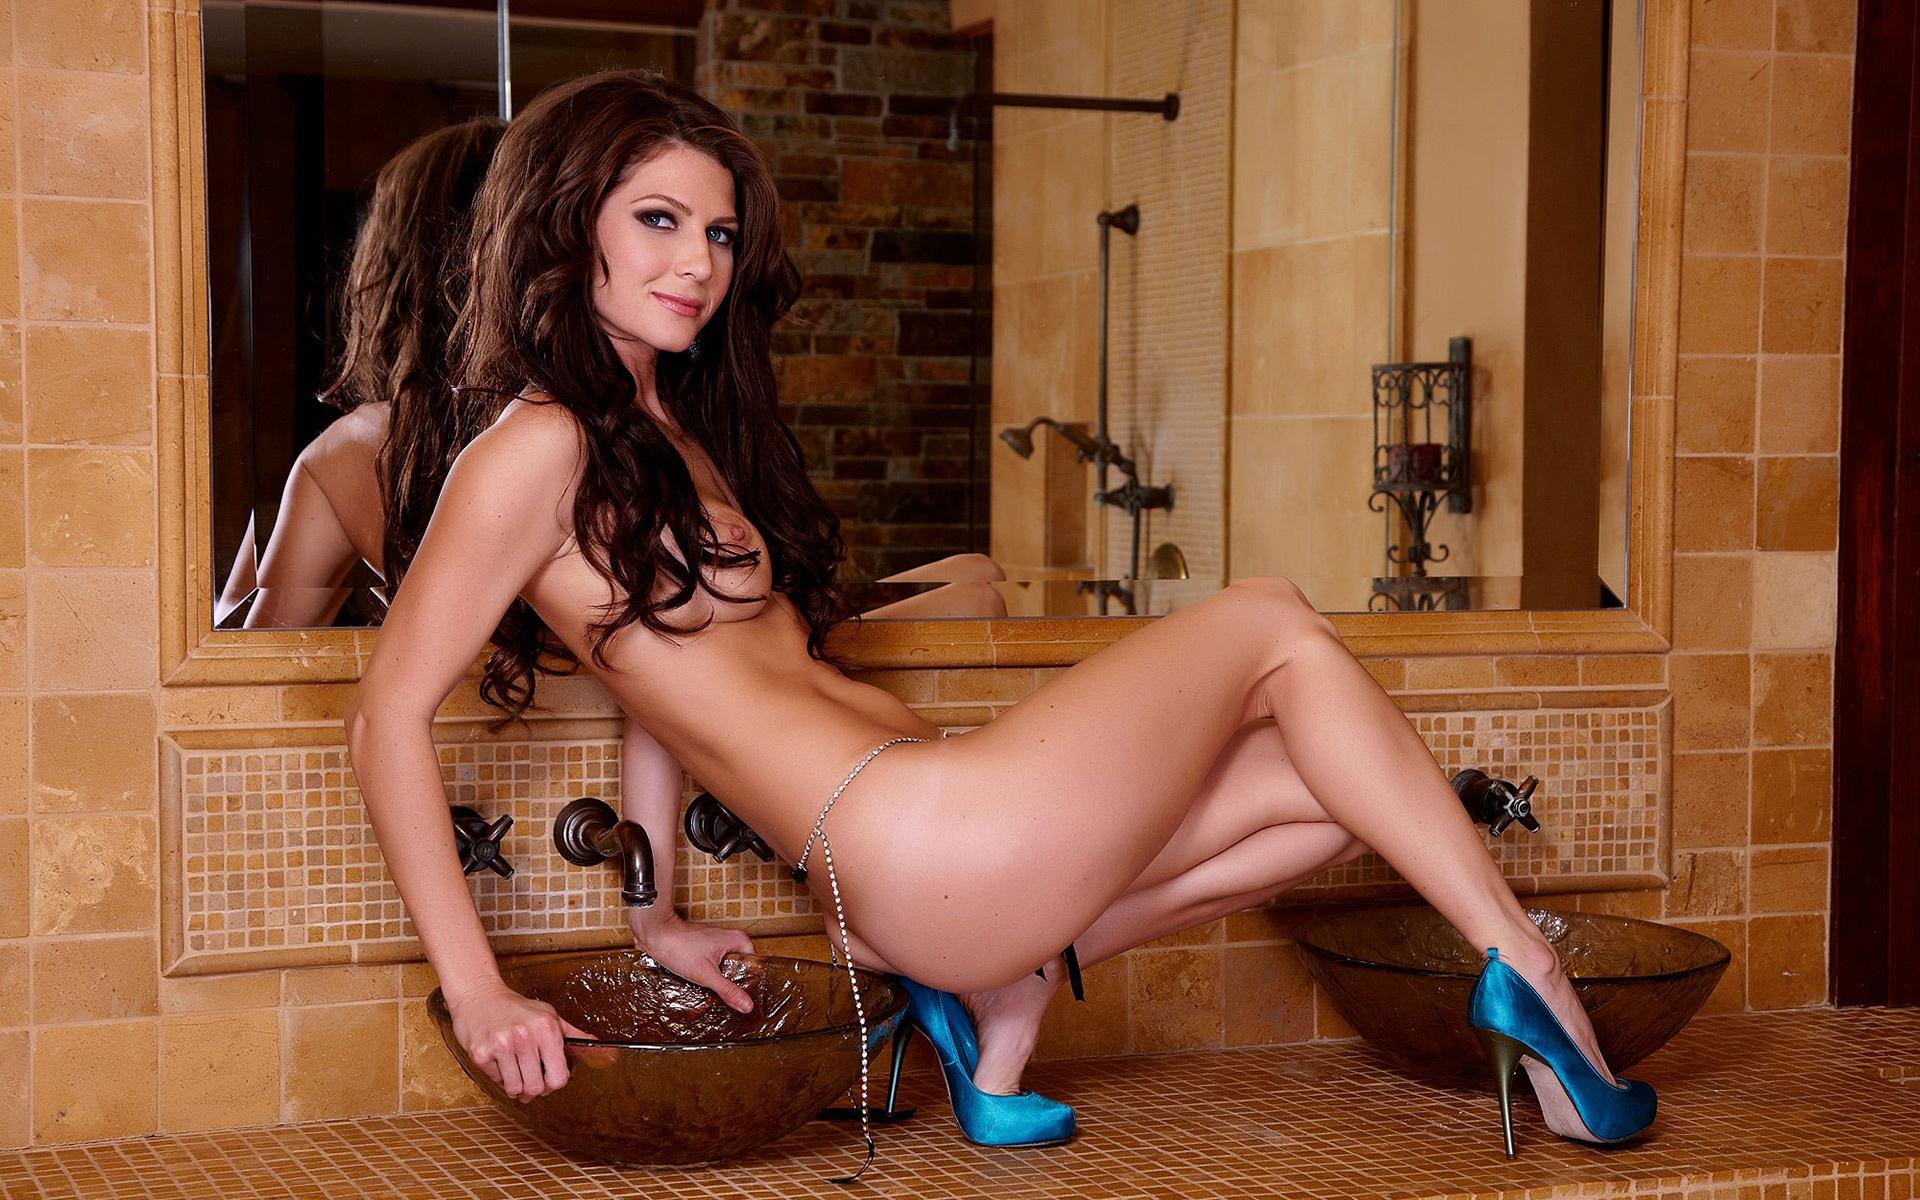 nude girl posing in mirror